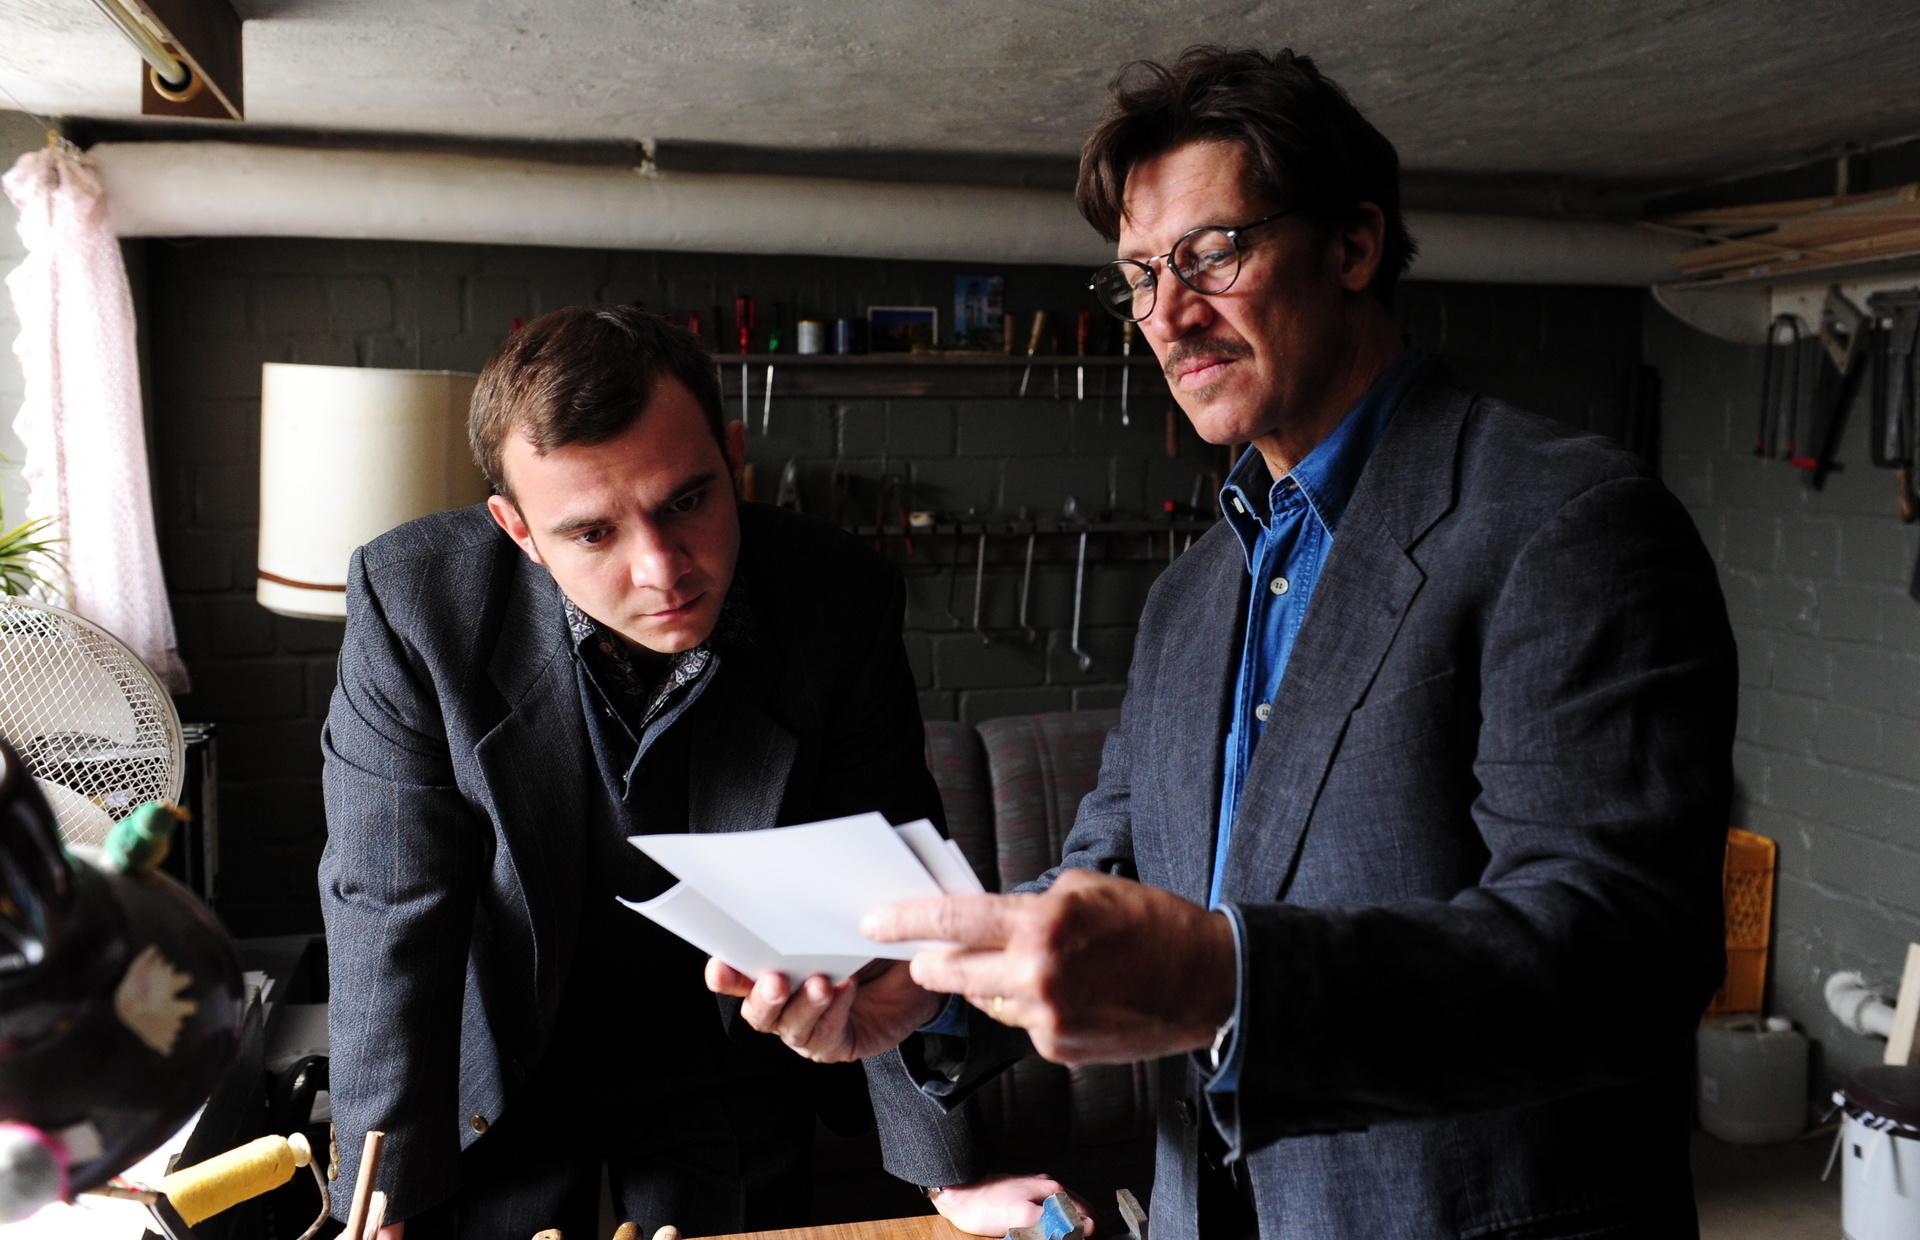 Der Ex-Soldat Vladimir Suworow (Eugen Knecht) hilft Jansen bei seiner verzweifelten Suche